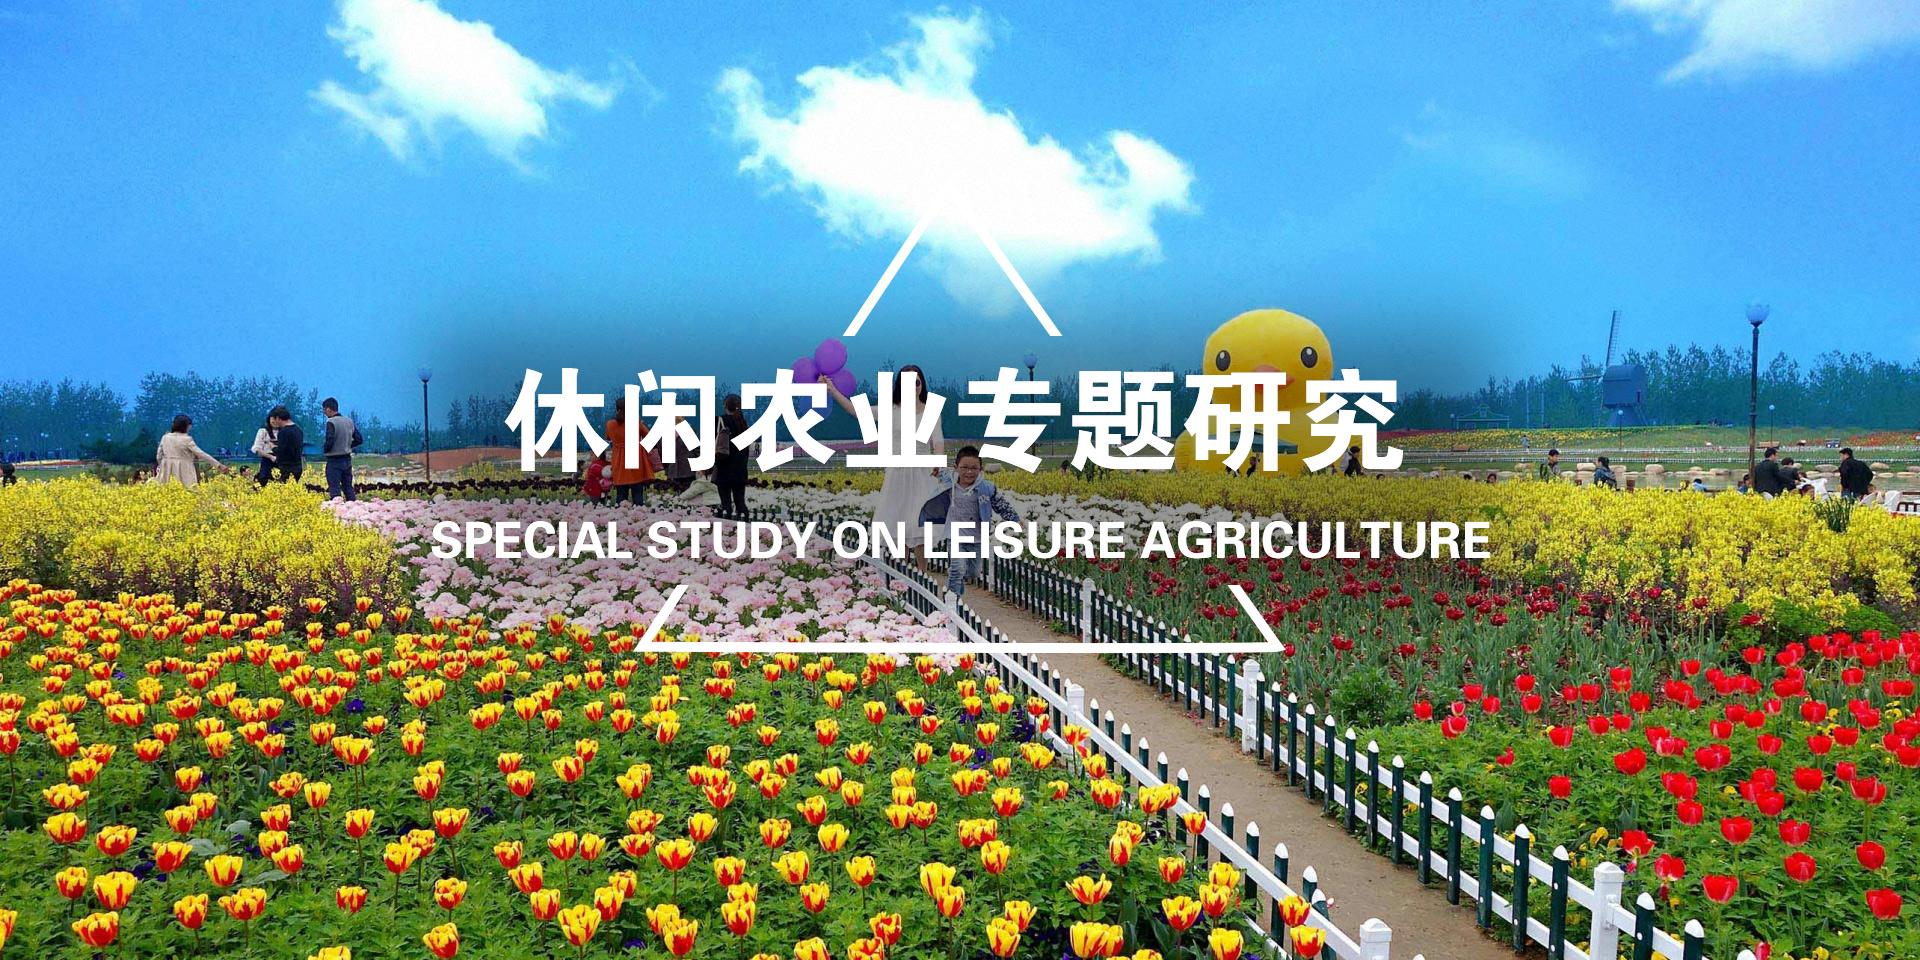 休闲农业专题研究